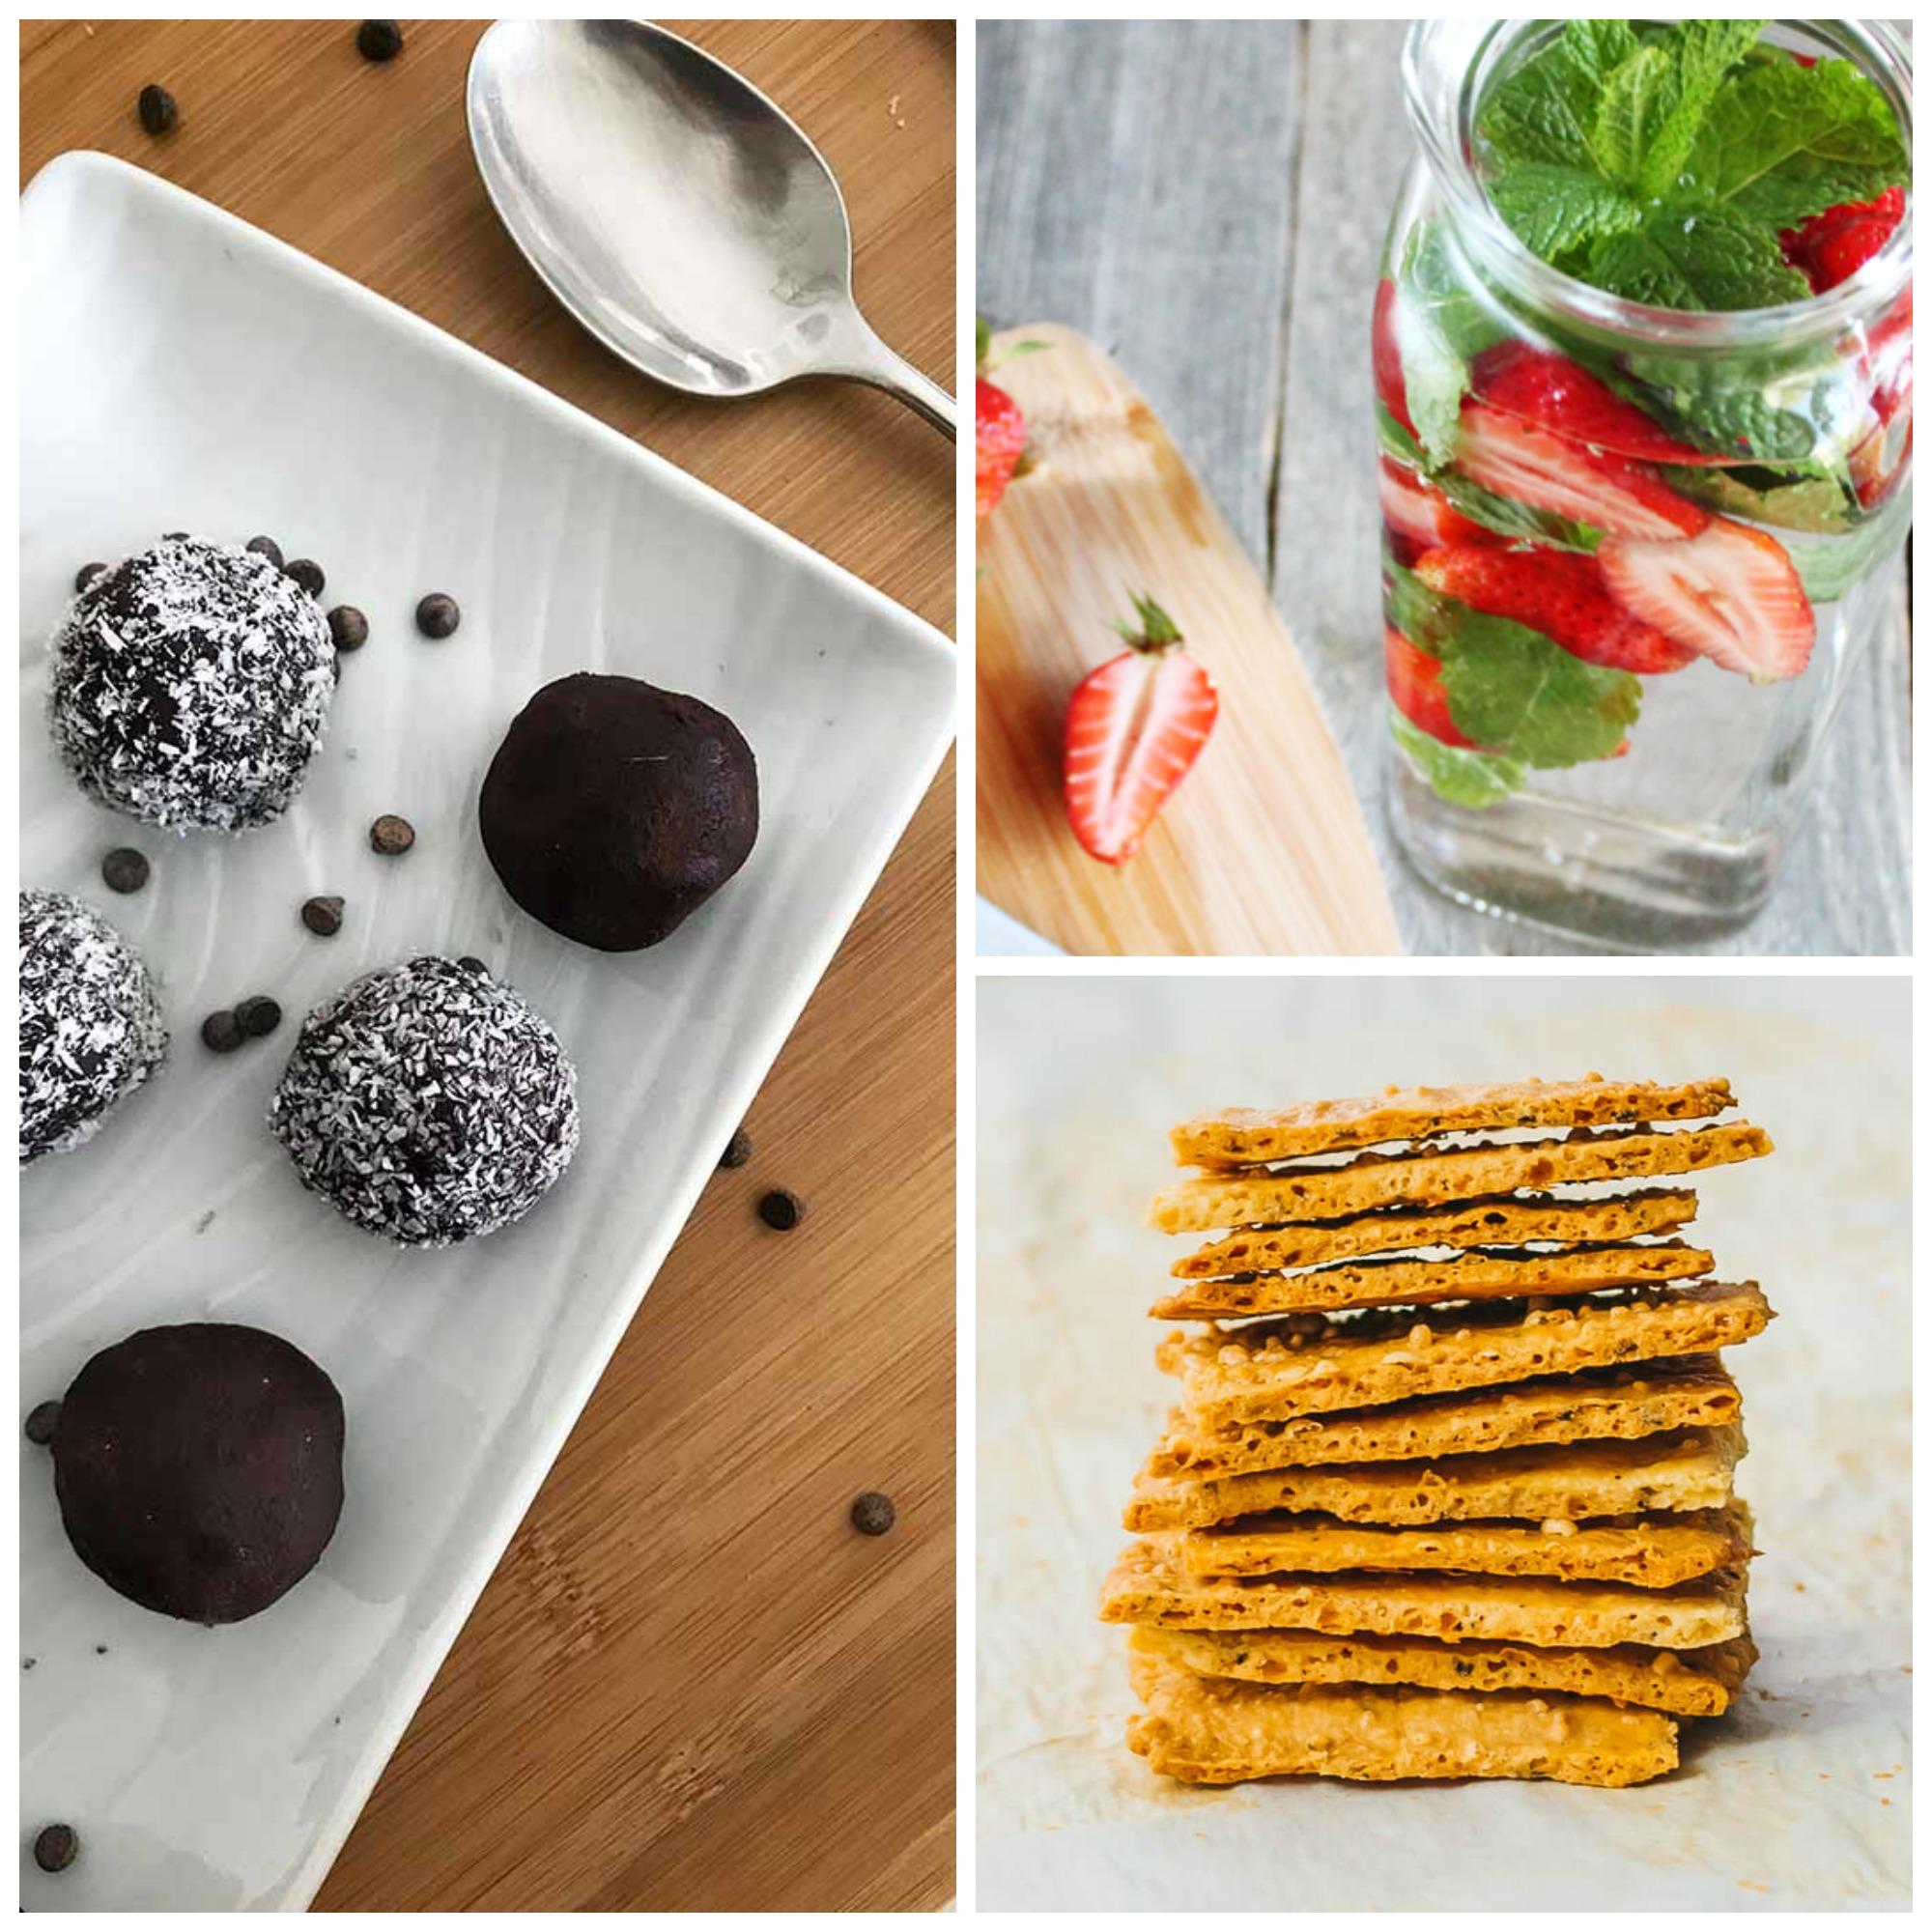 16 Delicious Keto Snacks